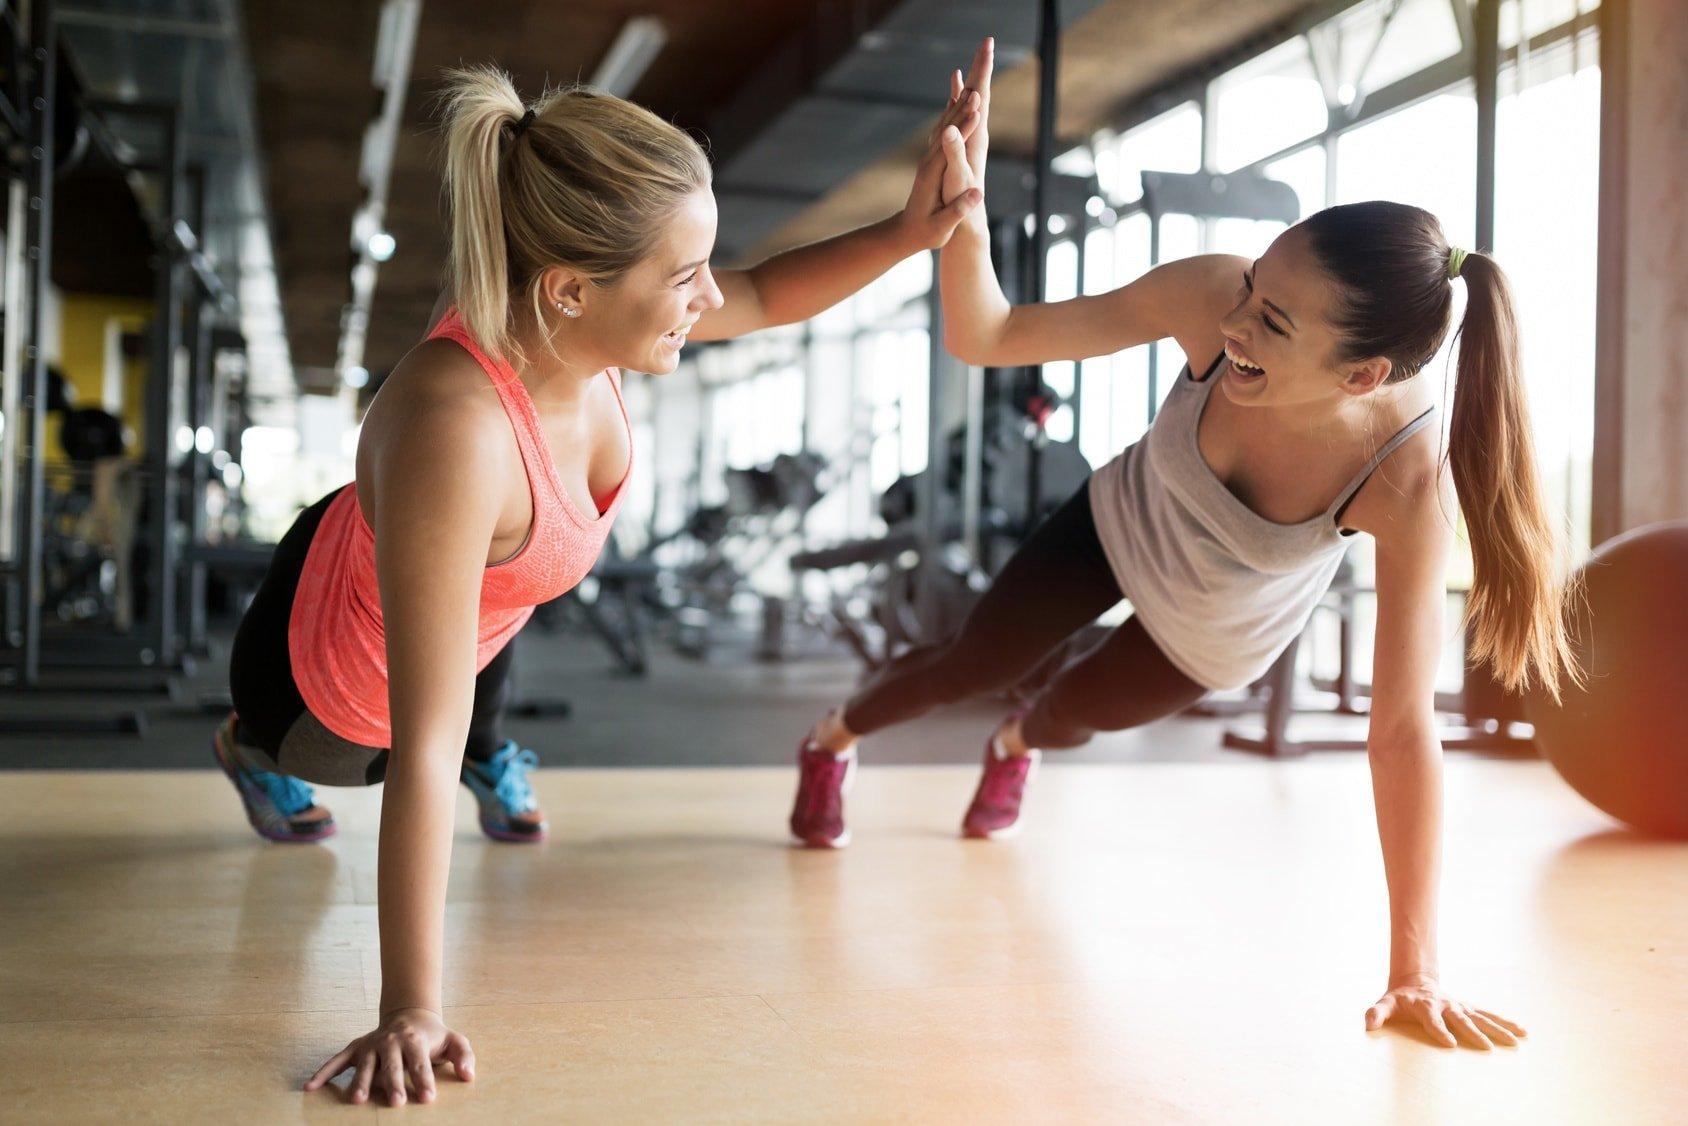 фитнес какие упражнения картинки